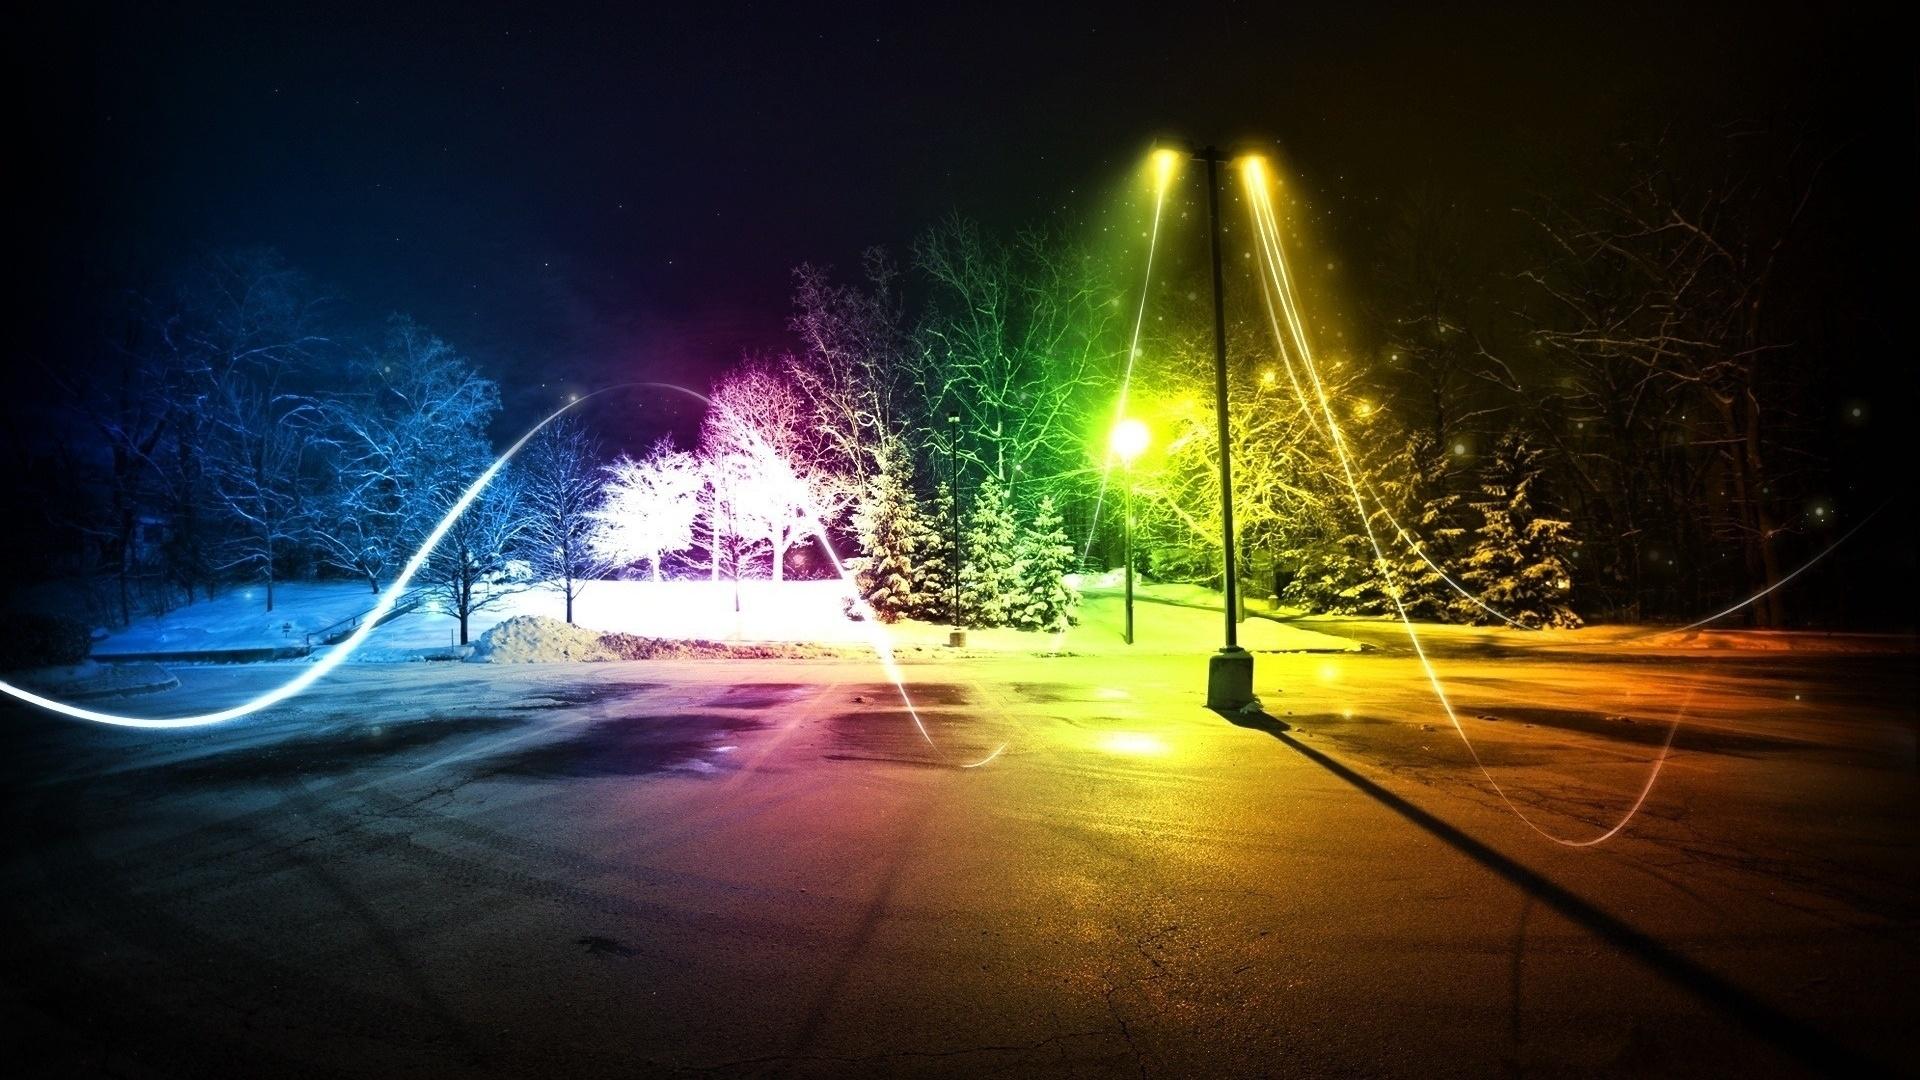 огни, фонарный столб, цвета